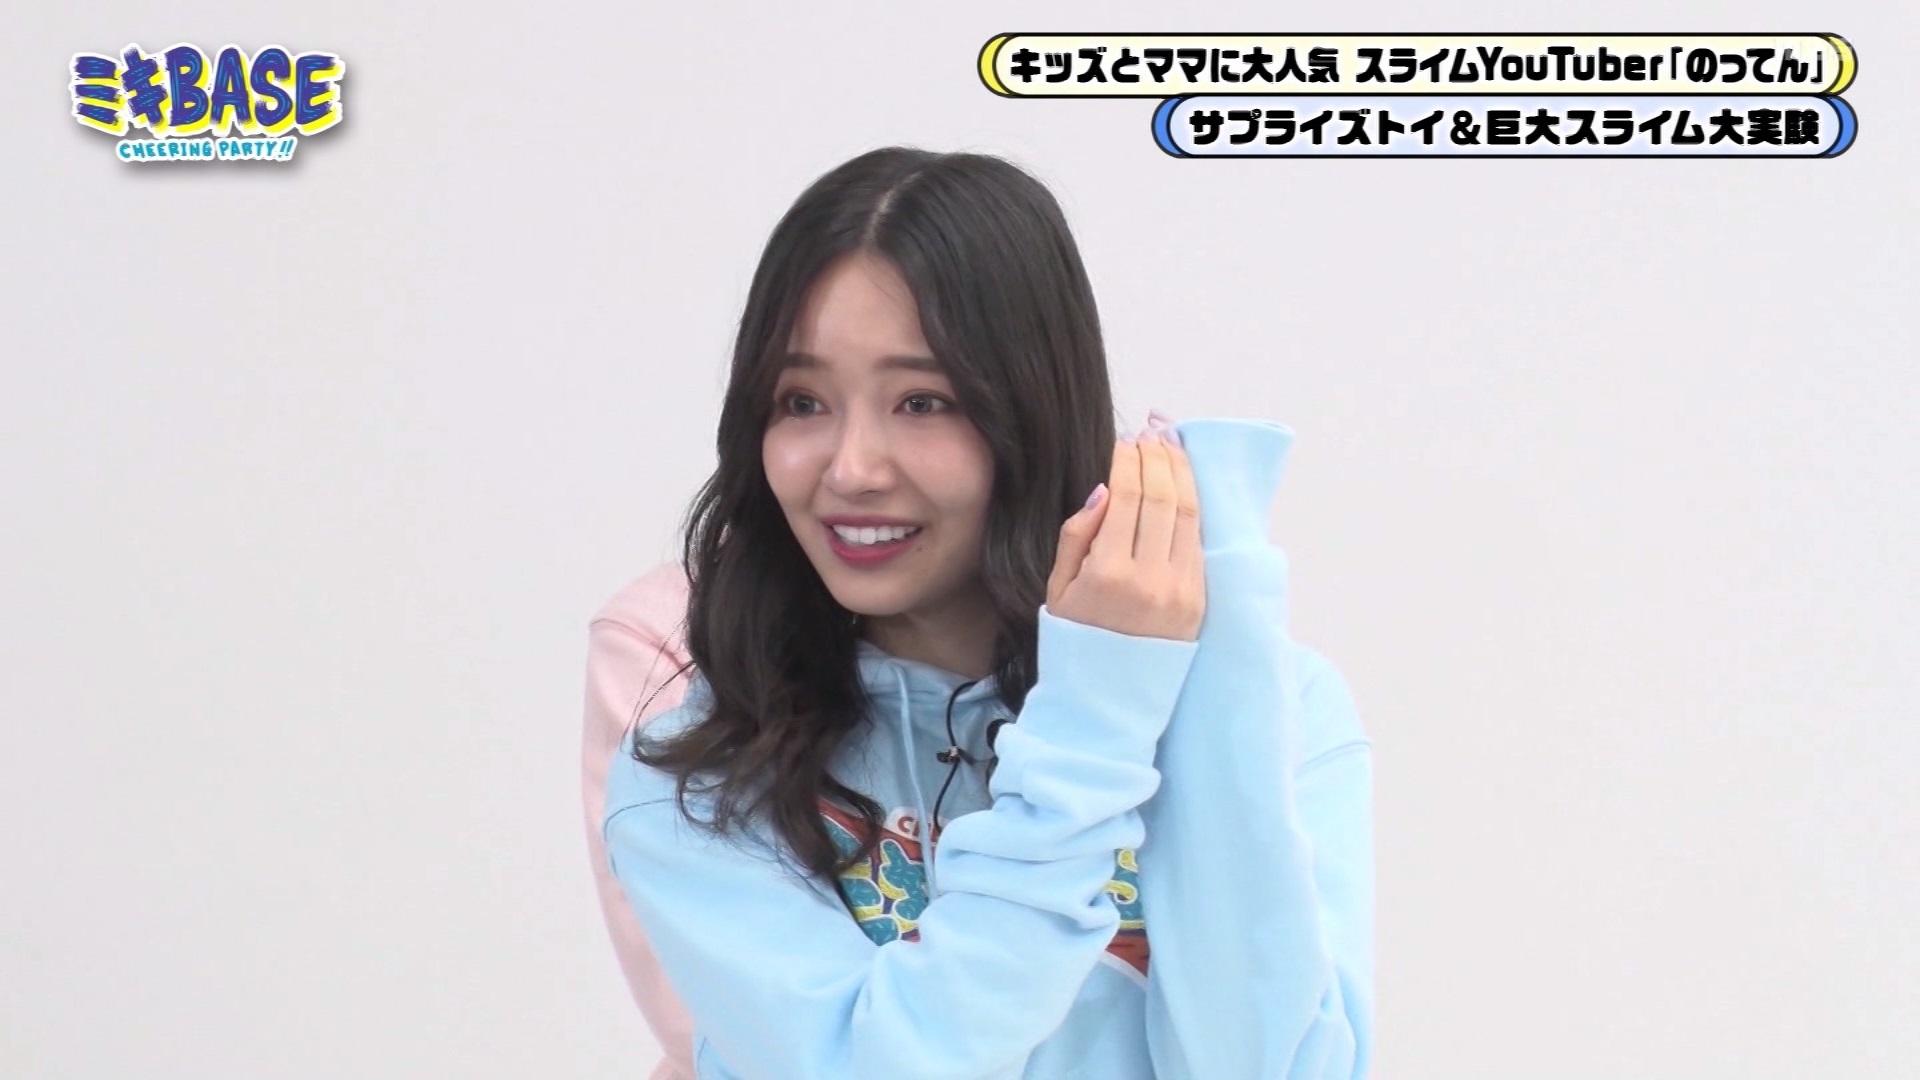 【村瀬紗英】さえぴぃ出演 4月22日放送「ミキBASE」#4の画像。スライムで遊ぶ